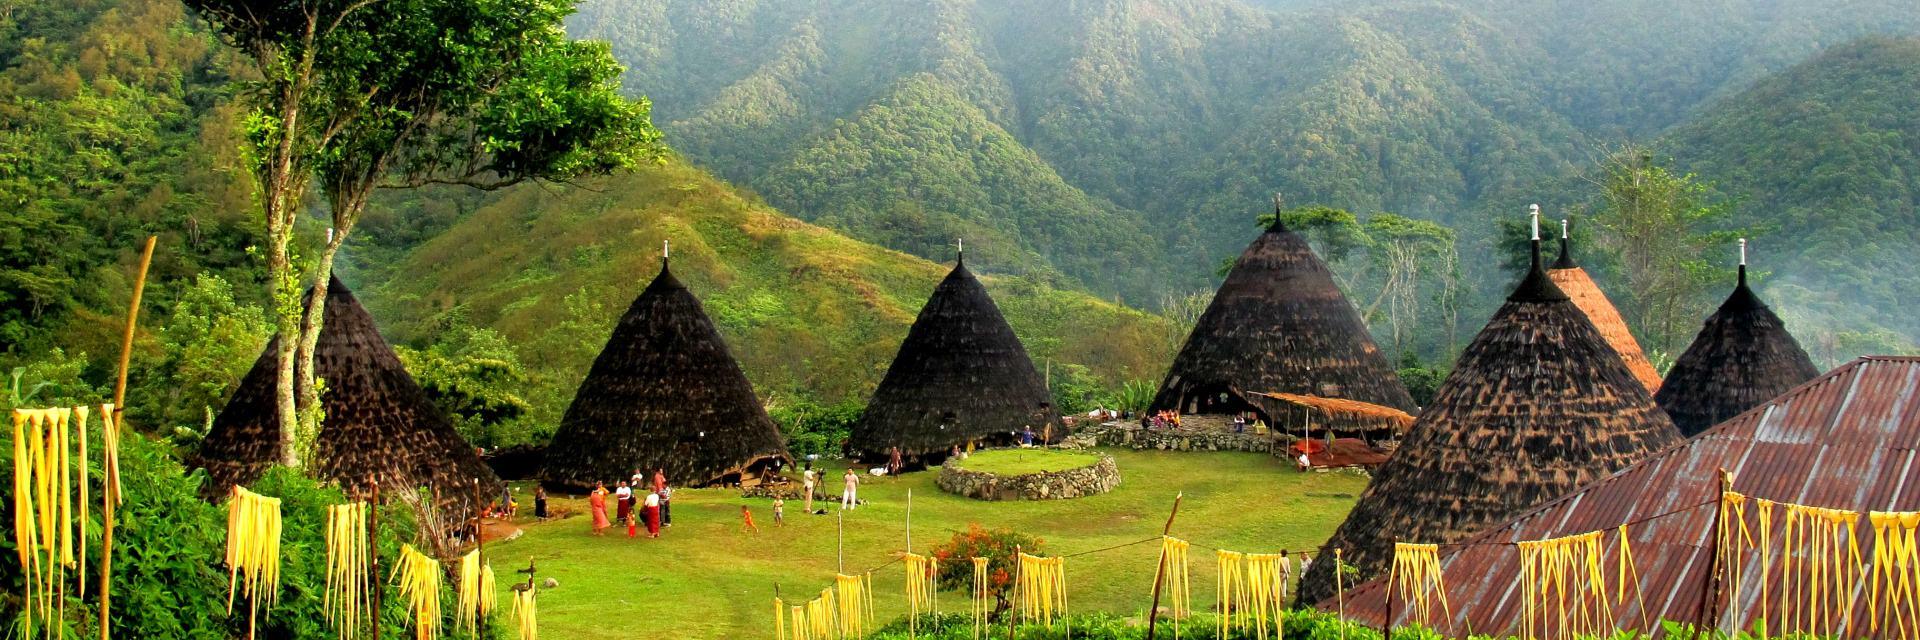 Menjelajahi Wae Rebo, Desa Menakjubkan yang Sudah Mendunia Sebelum Dikenal di Negaranya Sendiri